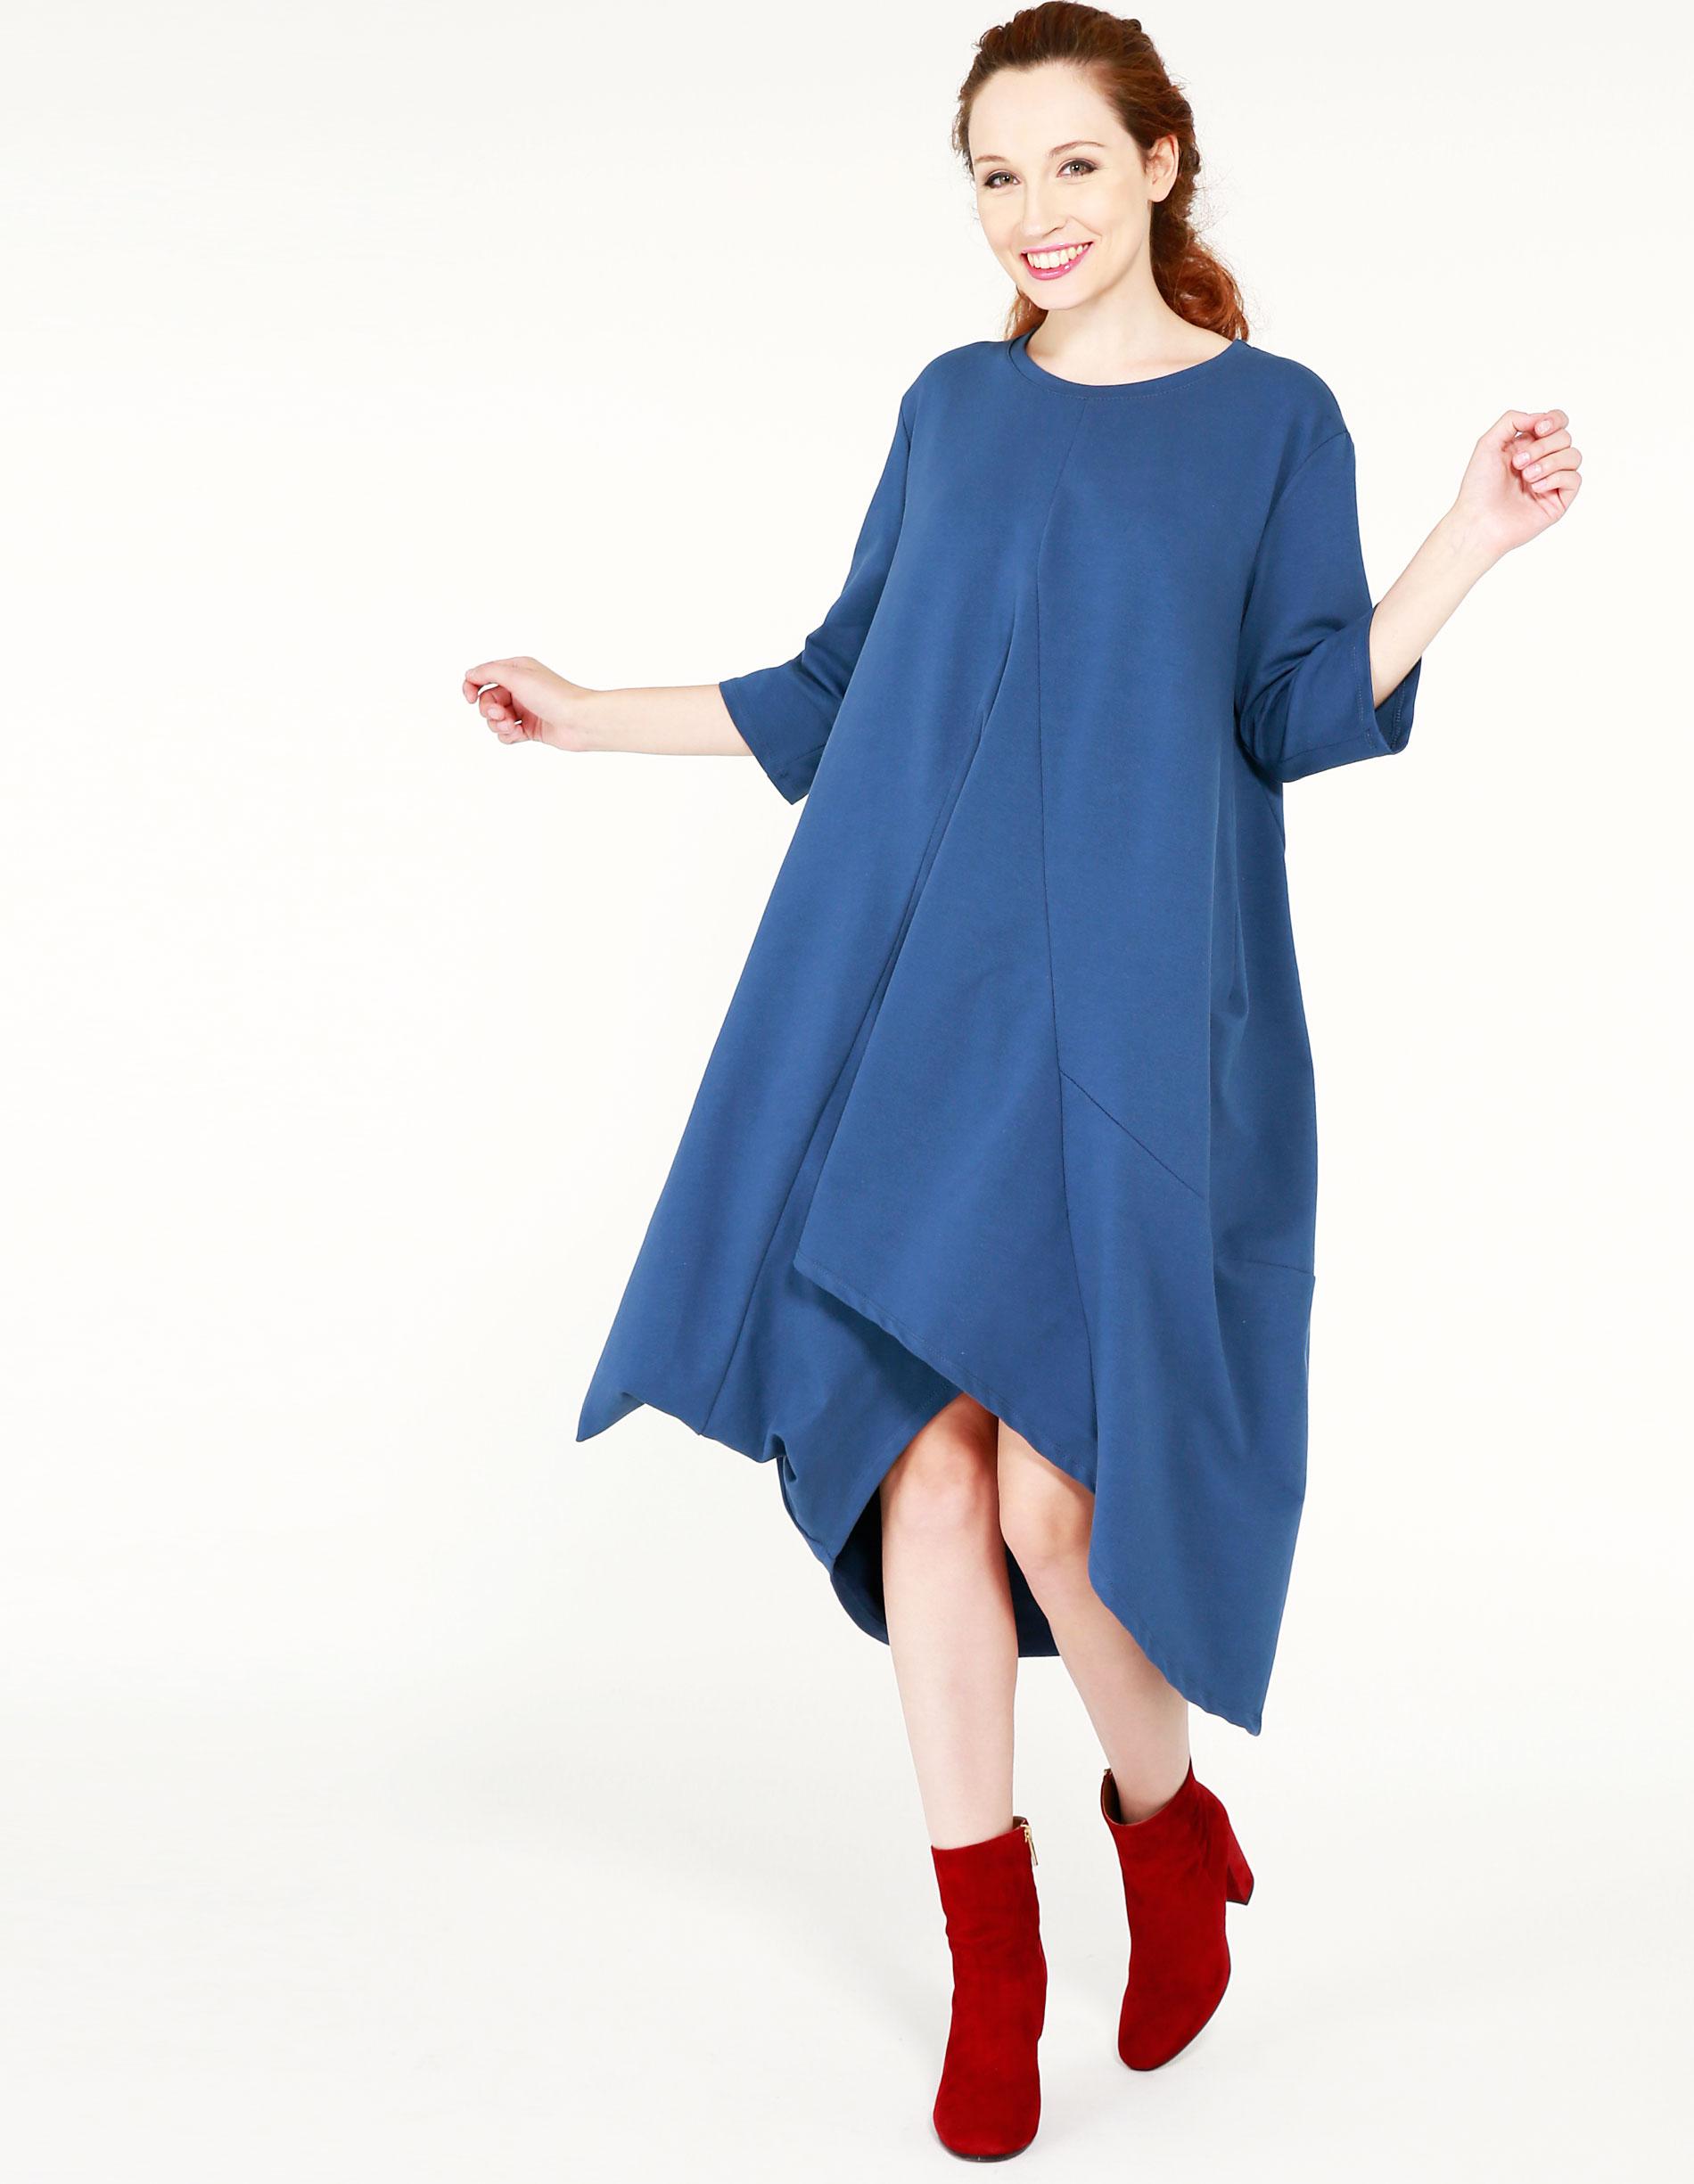 Sukienka - 30-87029 LAVA - Unisono